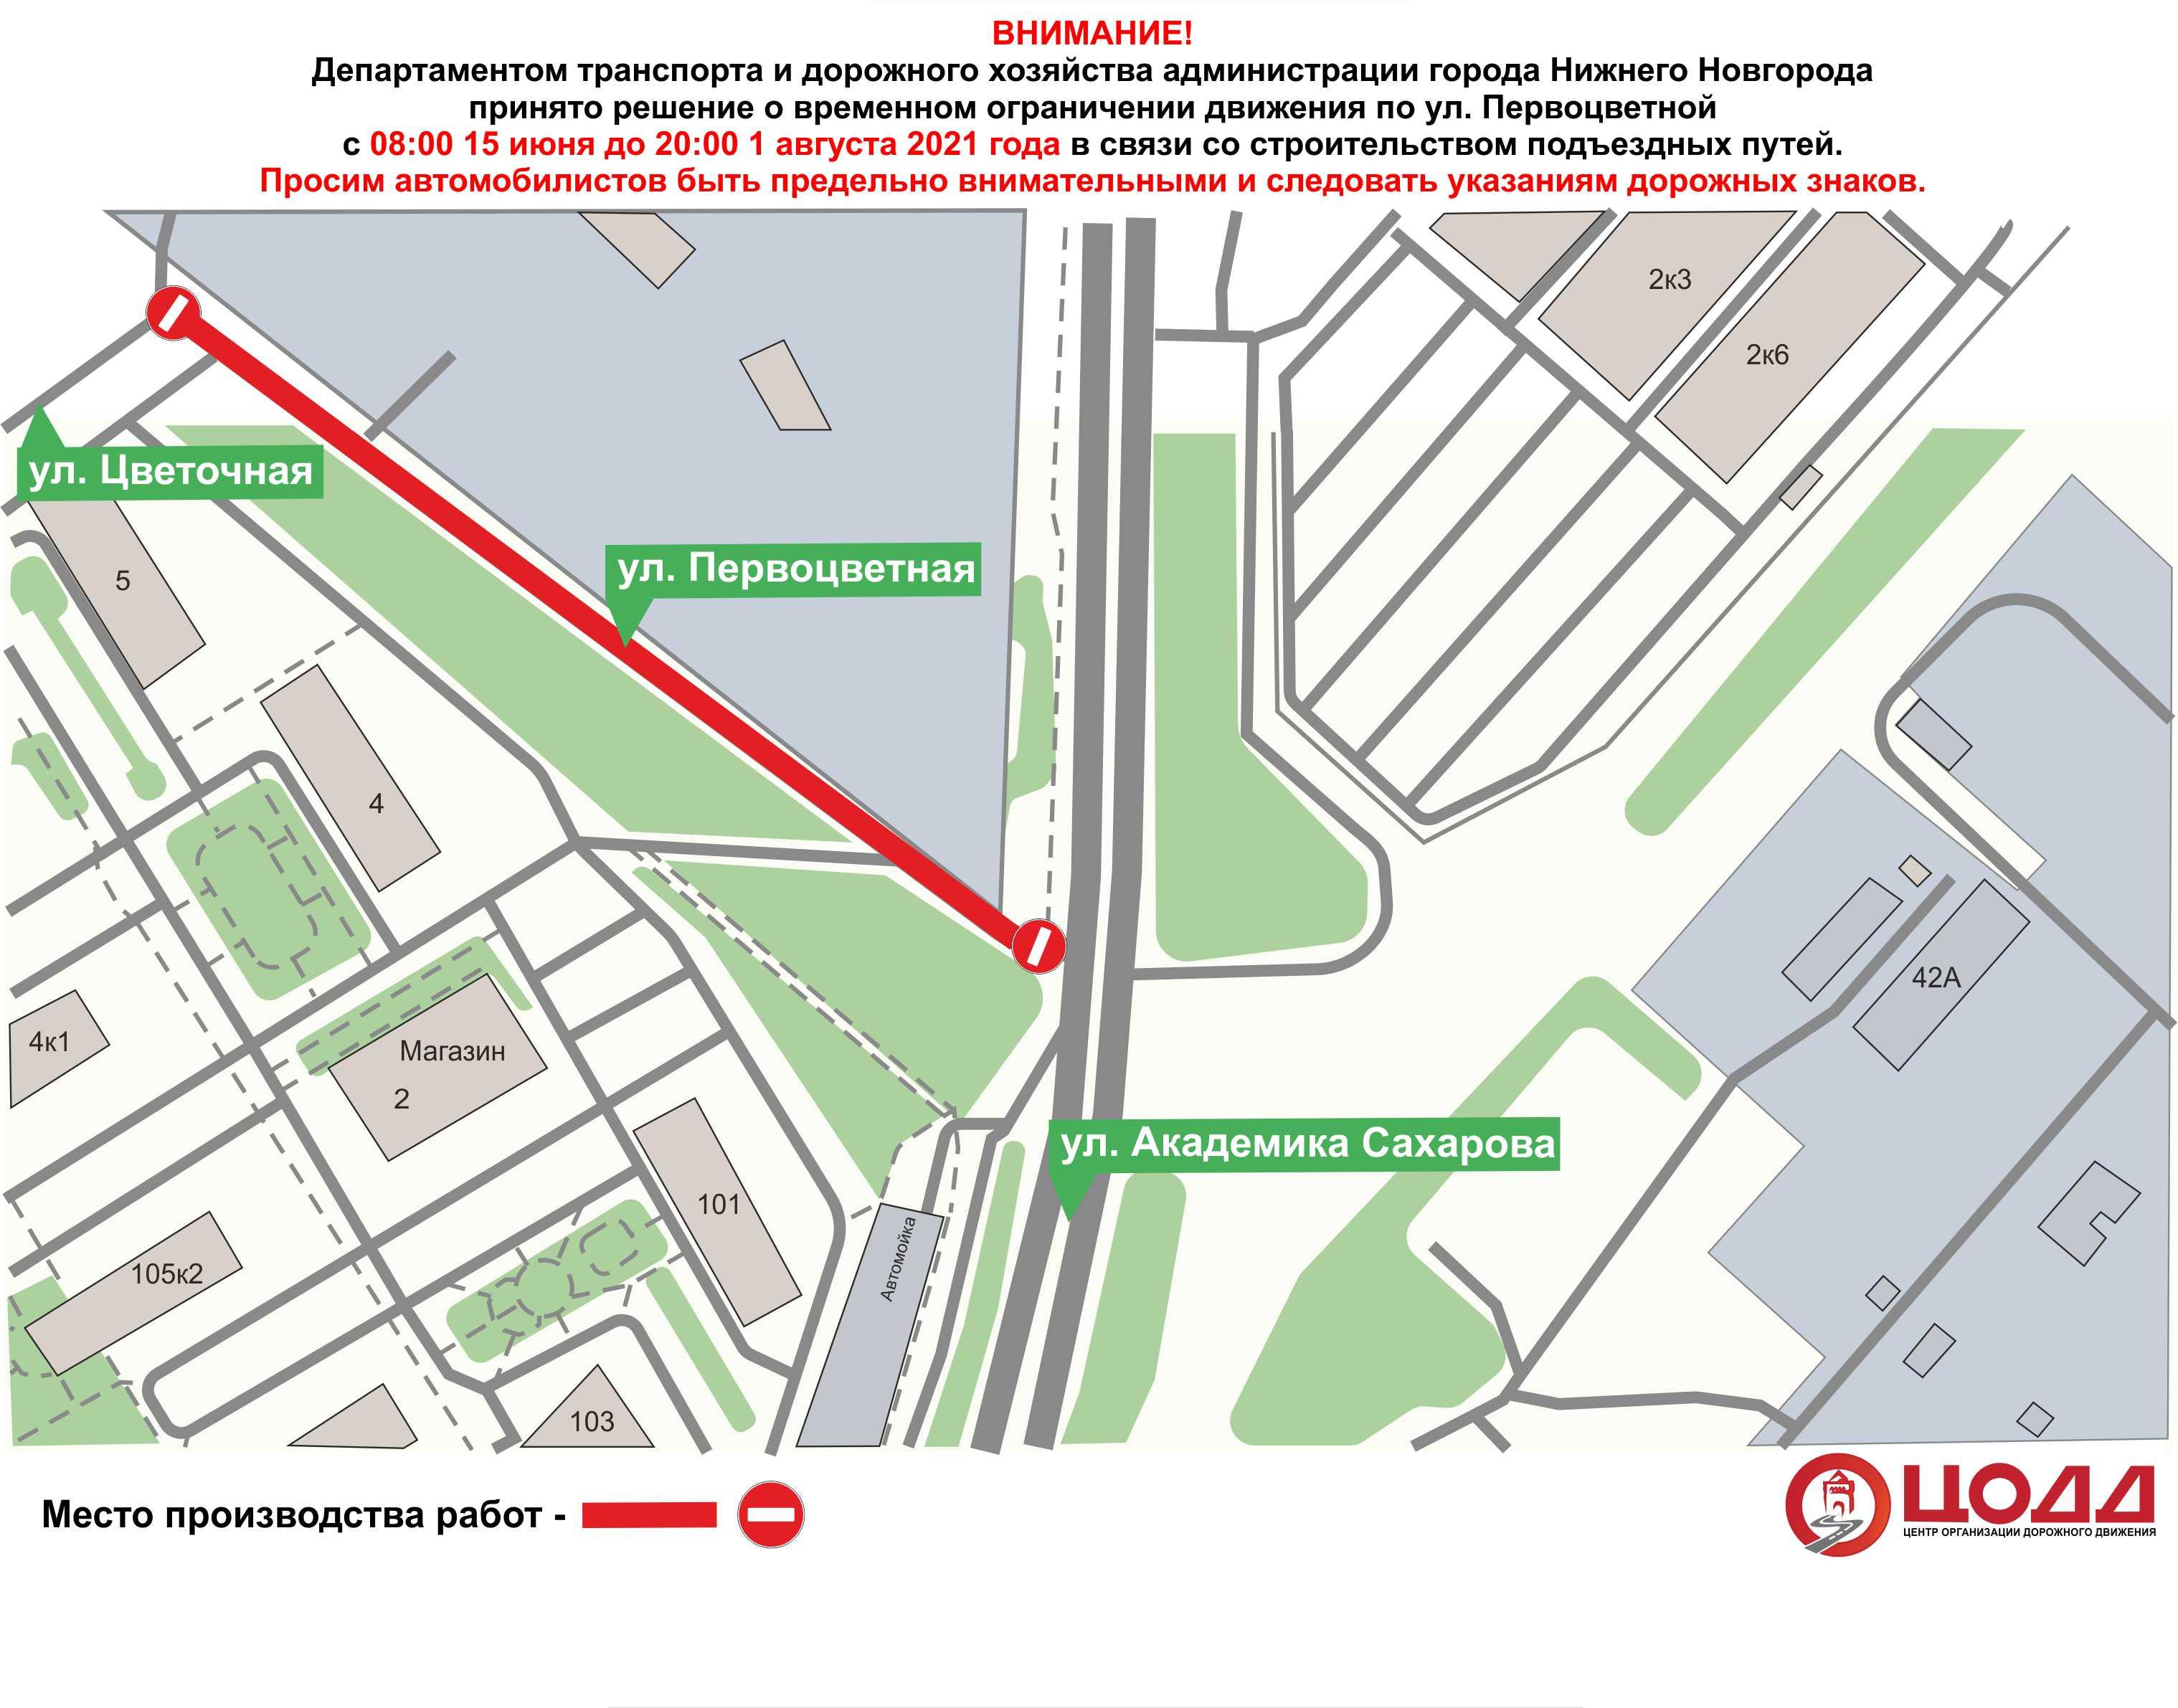 Первоцветную улицу перекроют в Нижнем Новгороде до 1 августа - фото 1